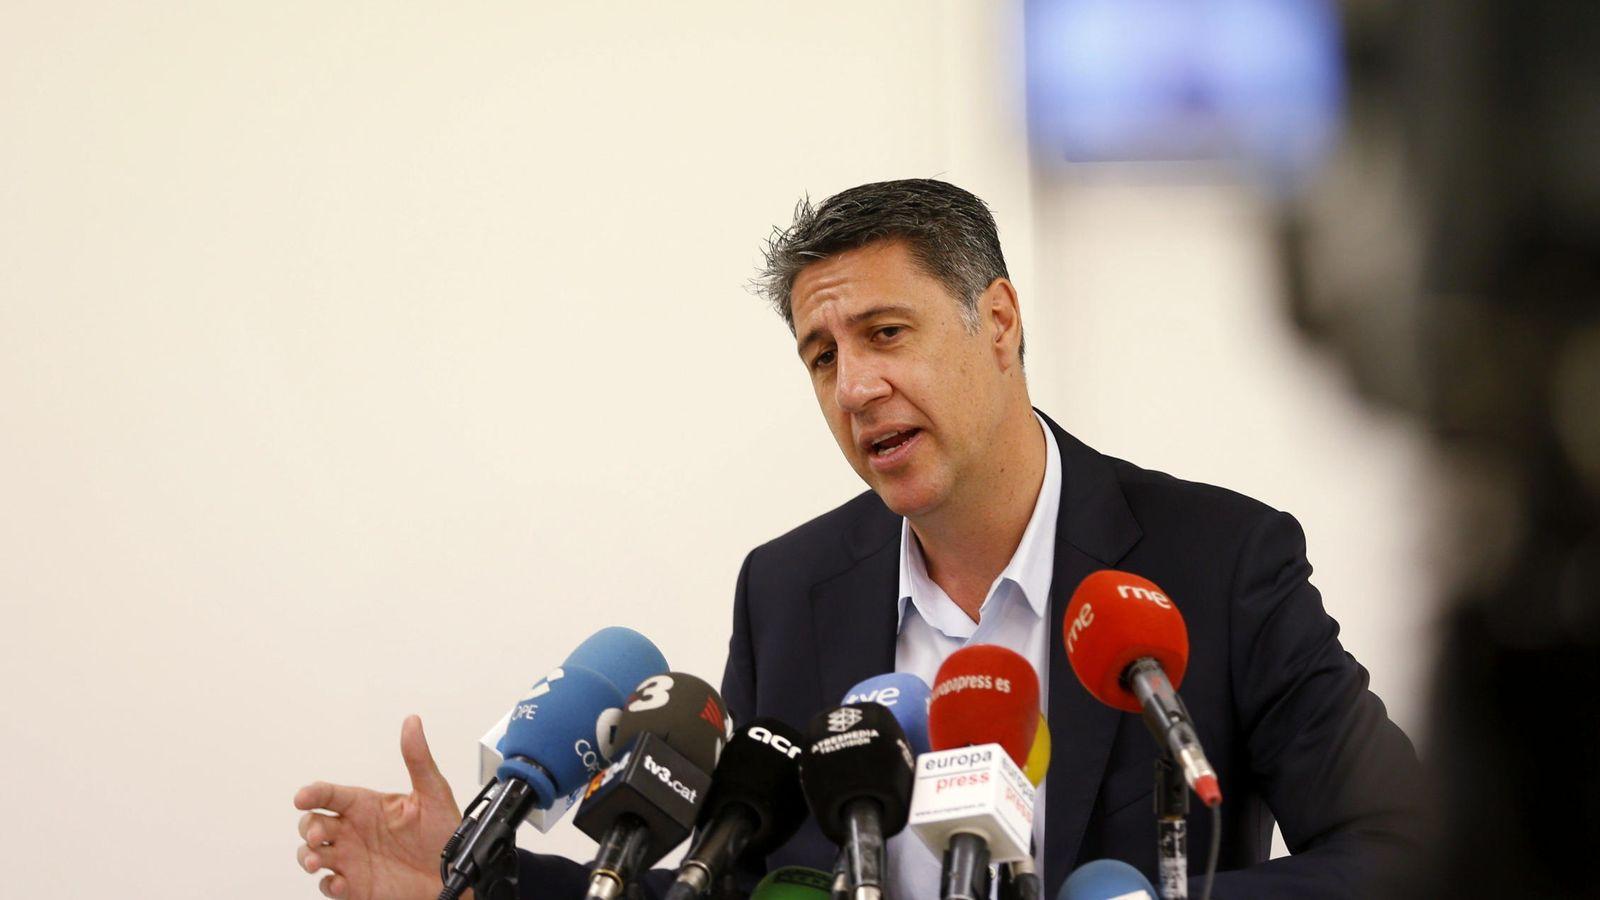 Foto: El exalcalde de Badalona, Xavier García Albiol, sería uno de los candidatos. (EFE)